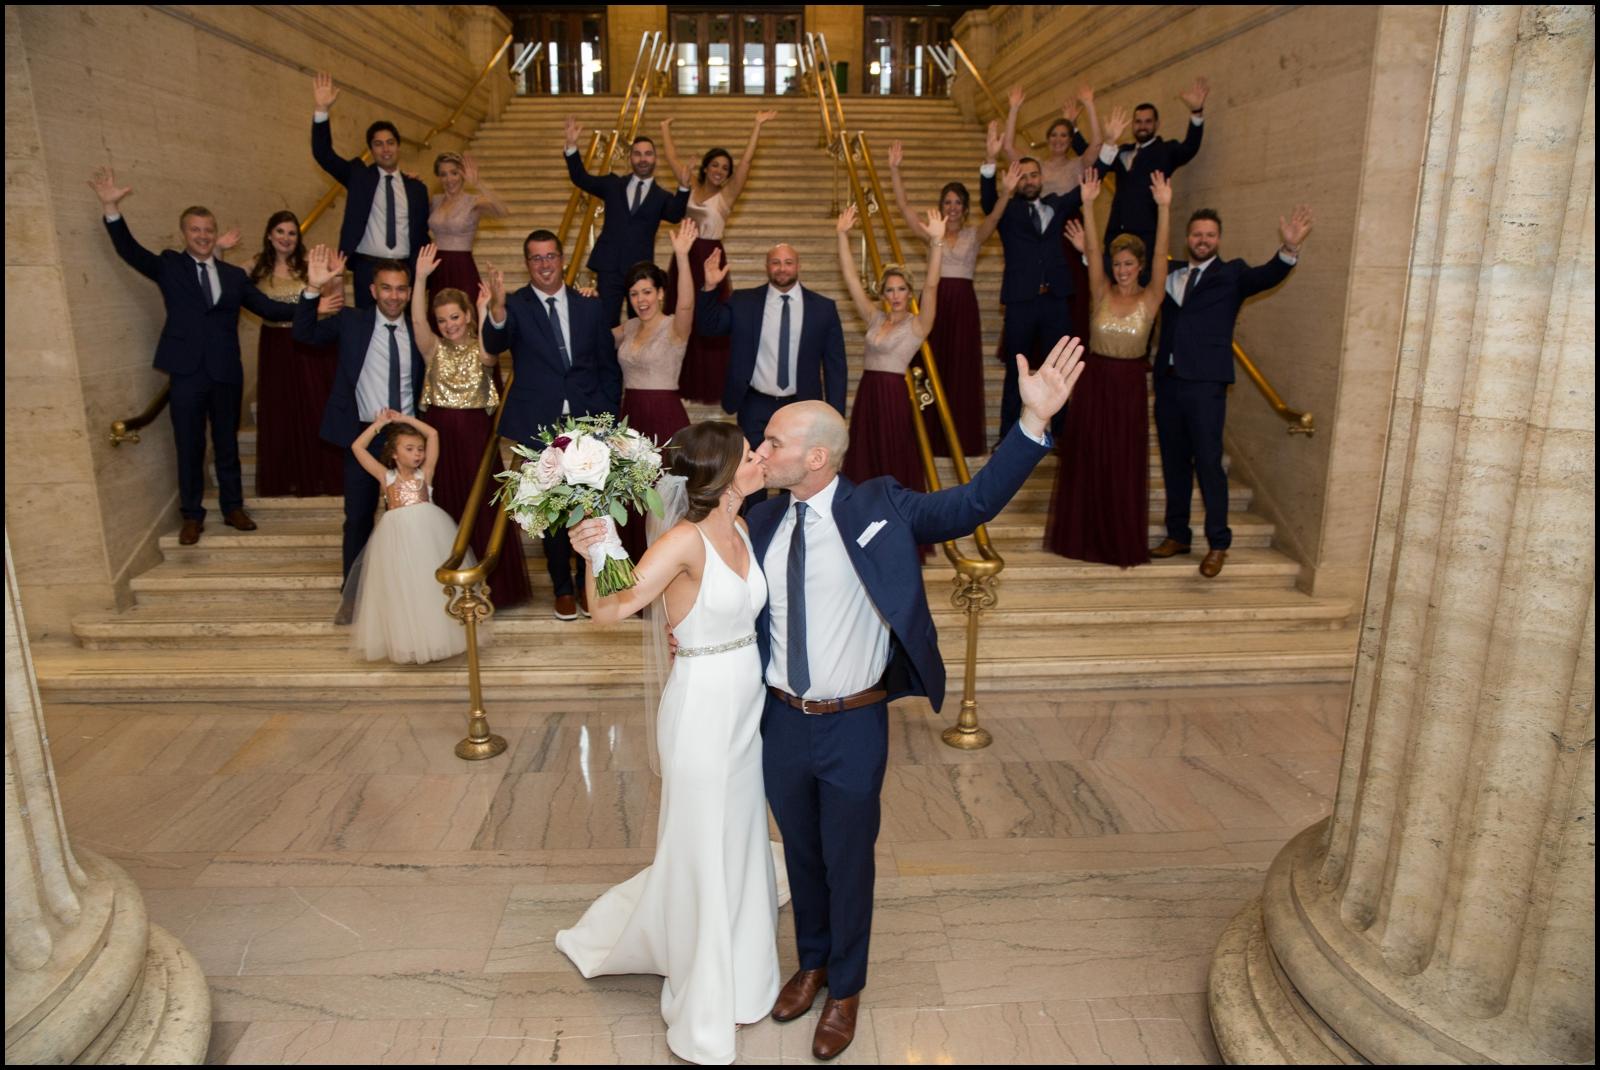 Architectural Artifacts Weddings. Chicago Wedding Planner SEG_0100.jpg